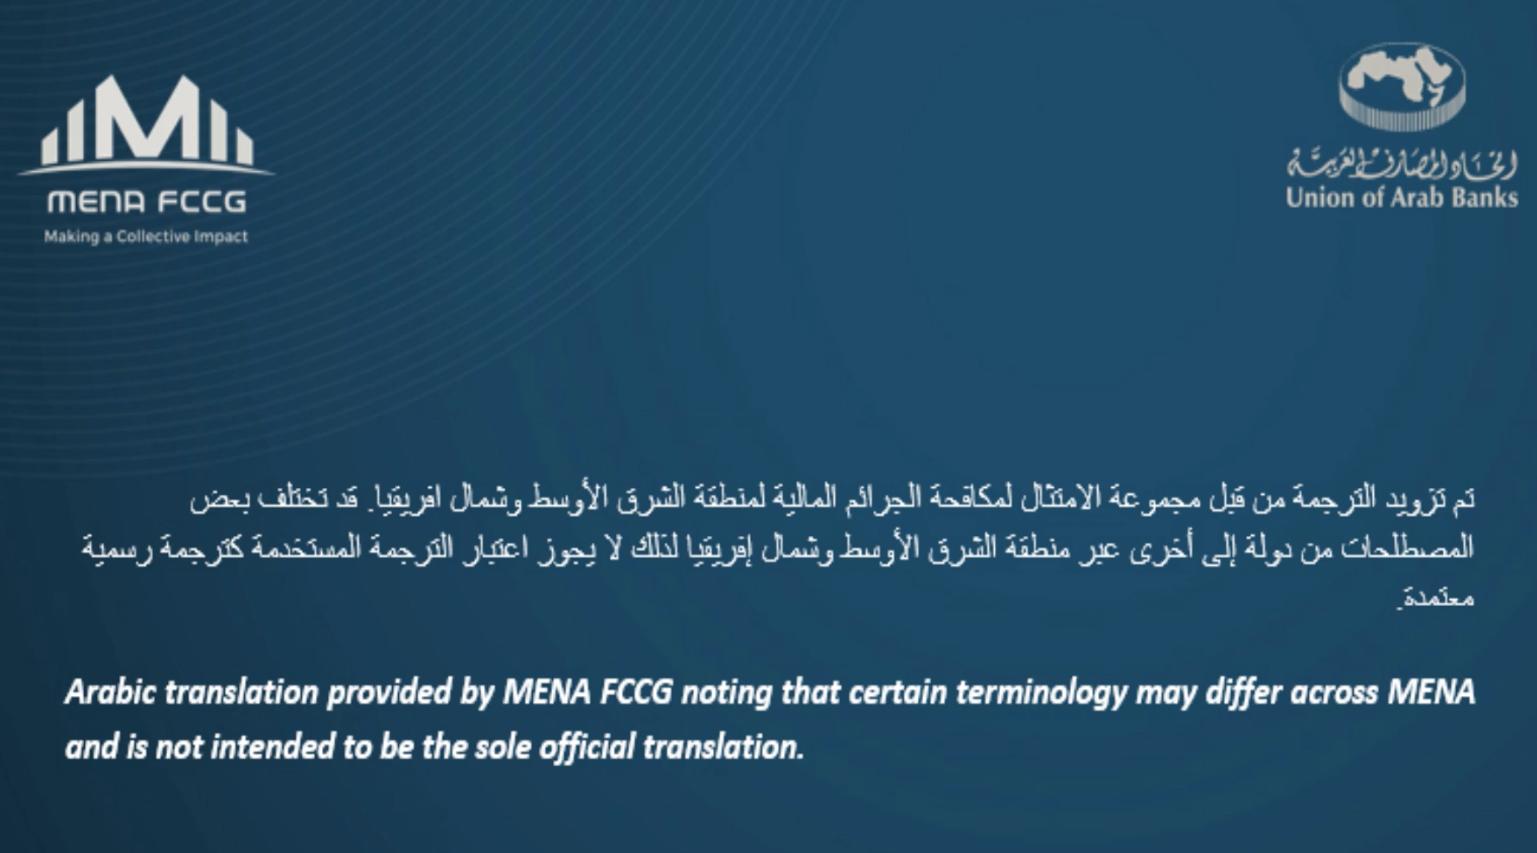 http://menafccg.com/wp-content/uploads/2020/09/10-Sanctions.png